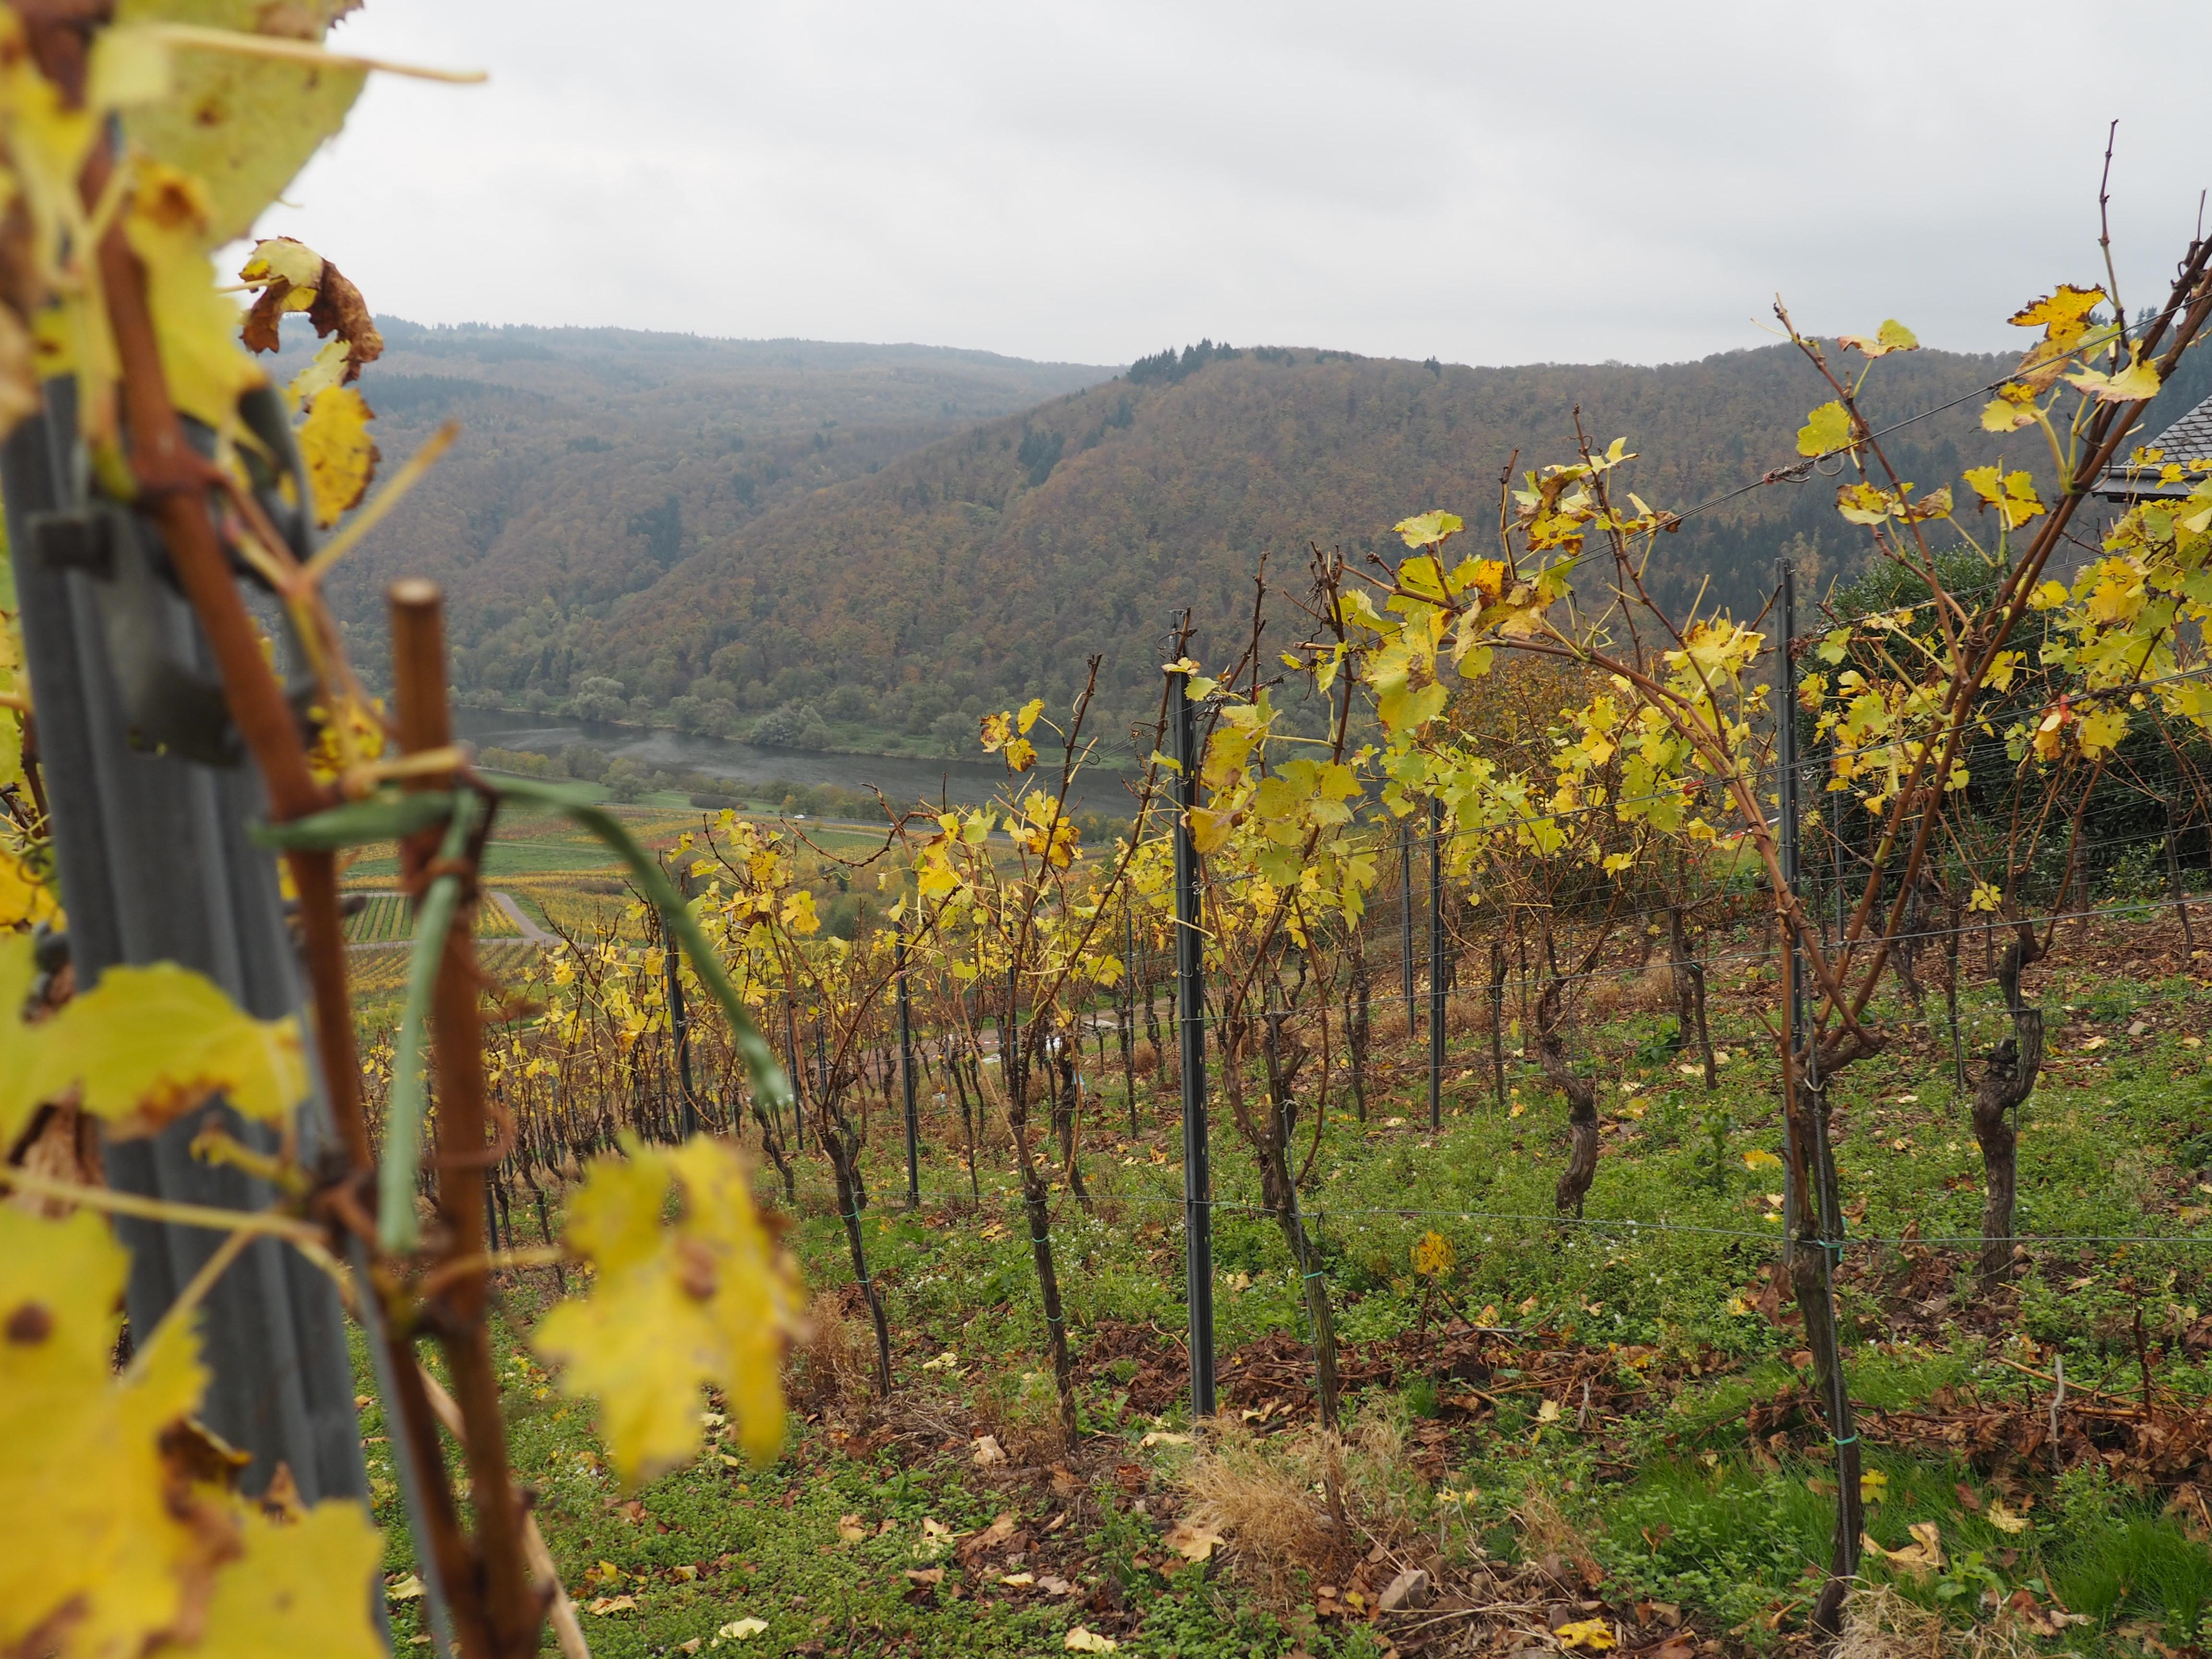 Hier startete unsere Weinwanderung oberhalb von Ediger Eller an der Mosel